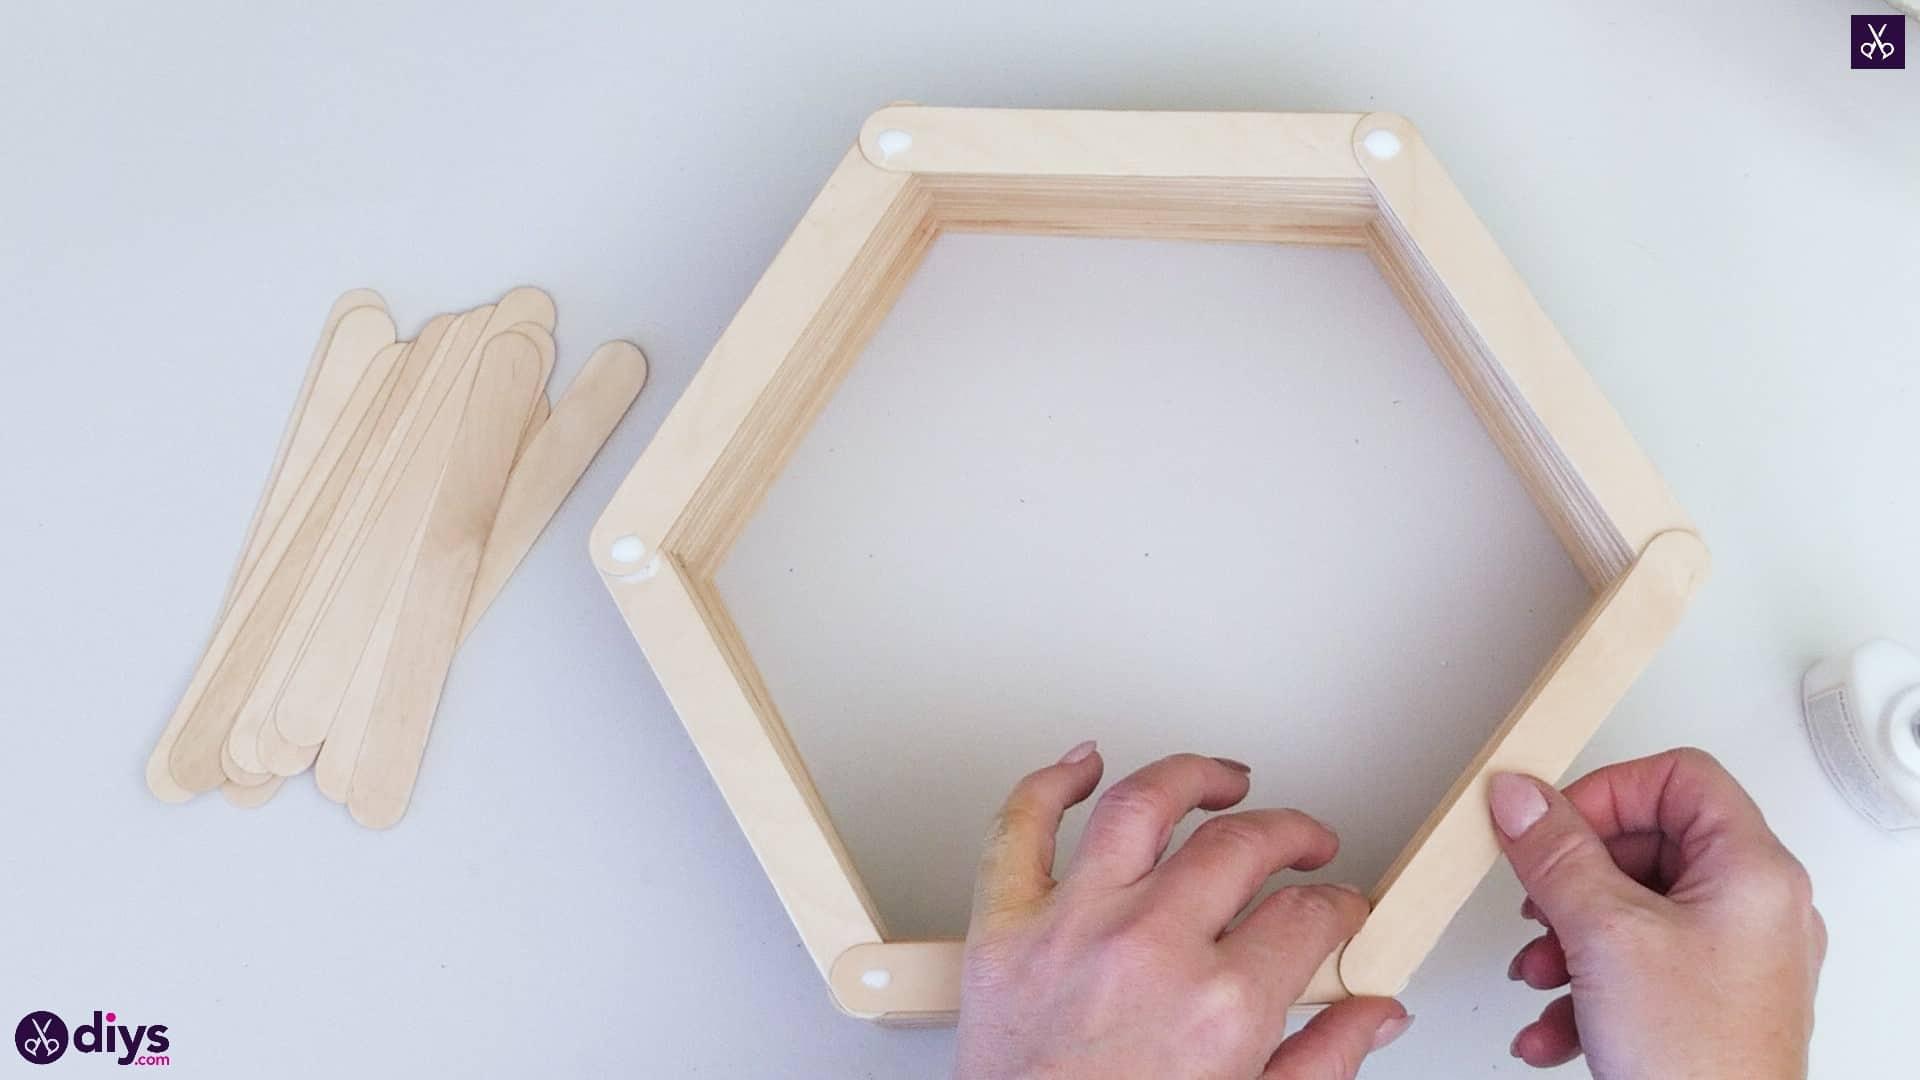 Diy popsicle stick hexagon shelf step 3a